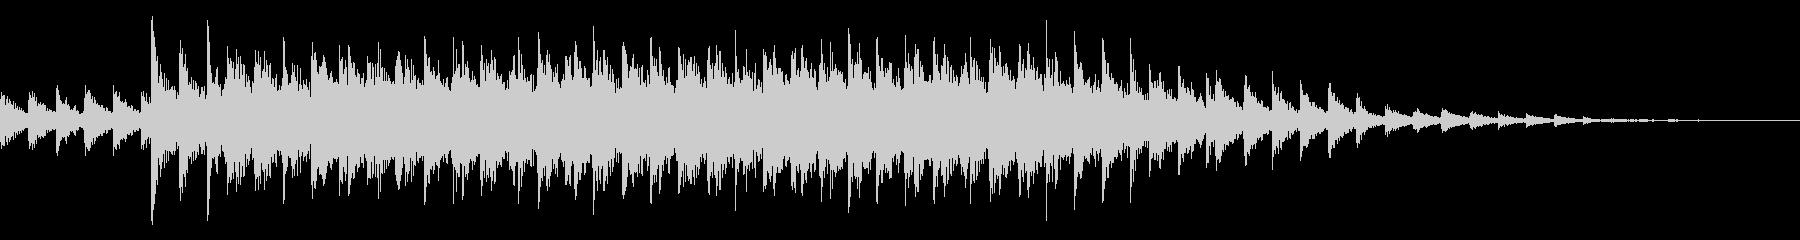 カラコロ(異次元へ移動する電子音)の未再生の波形